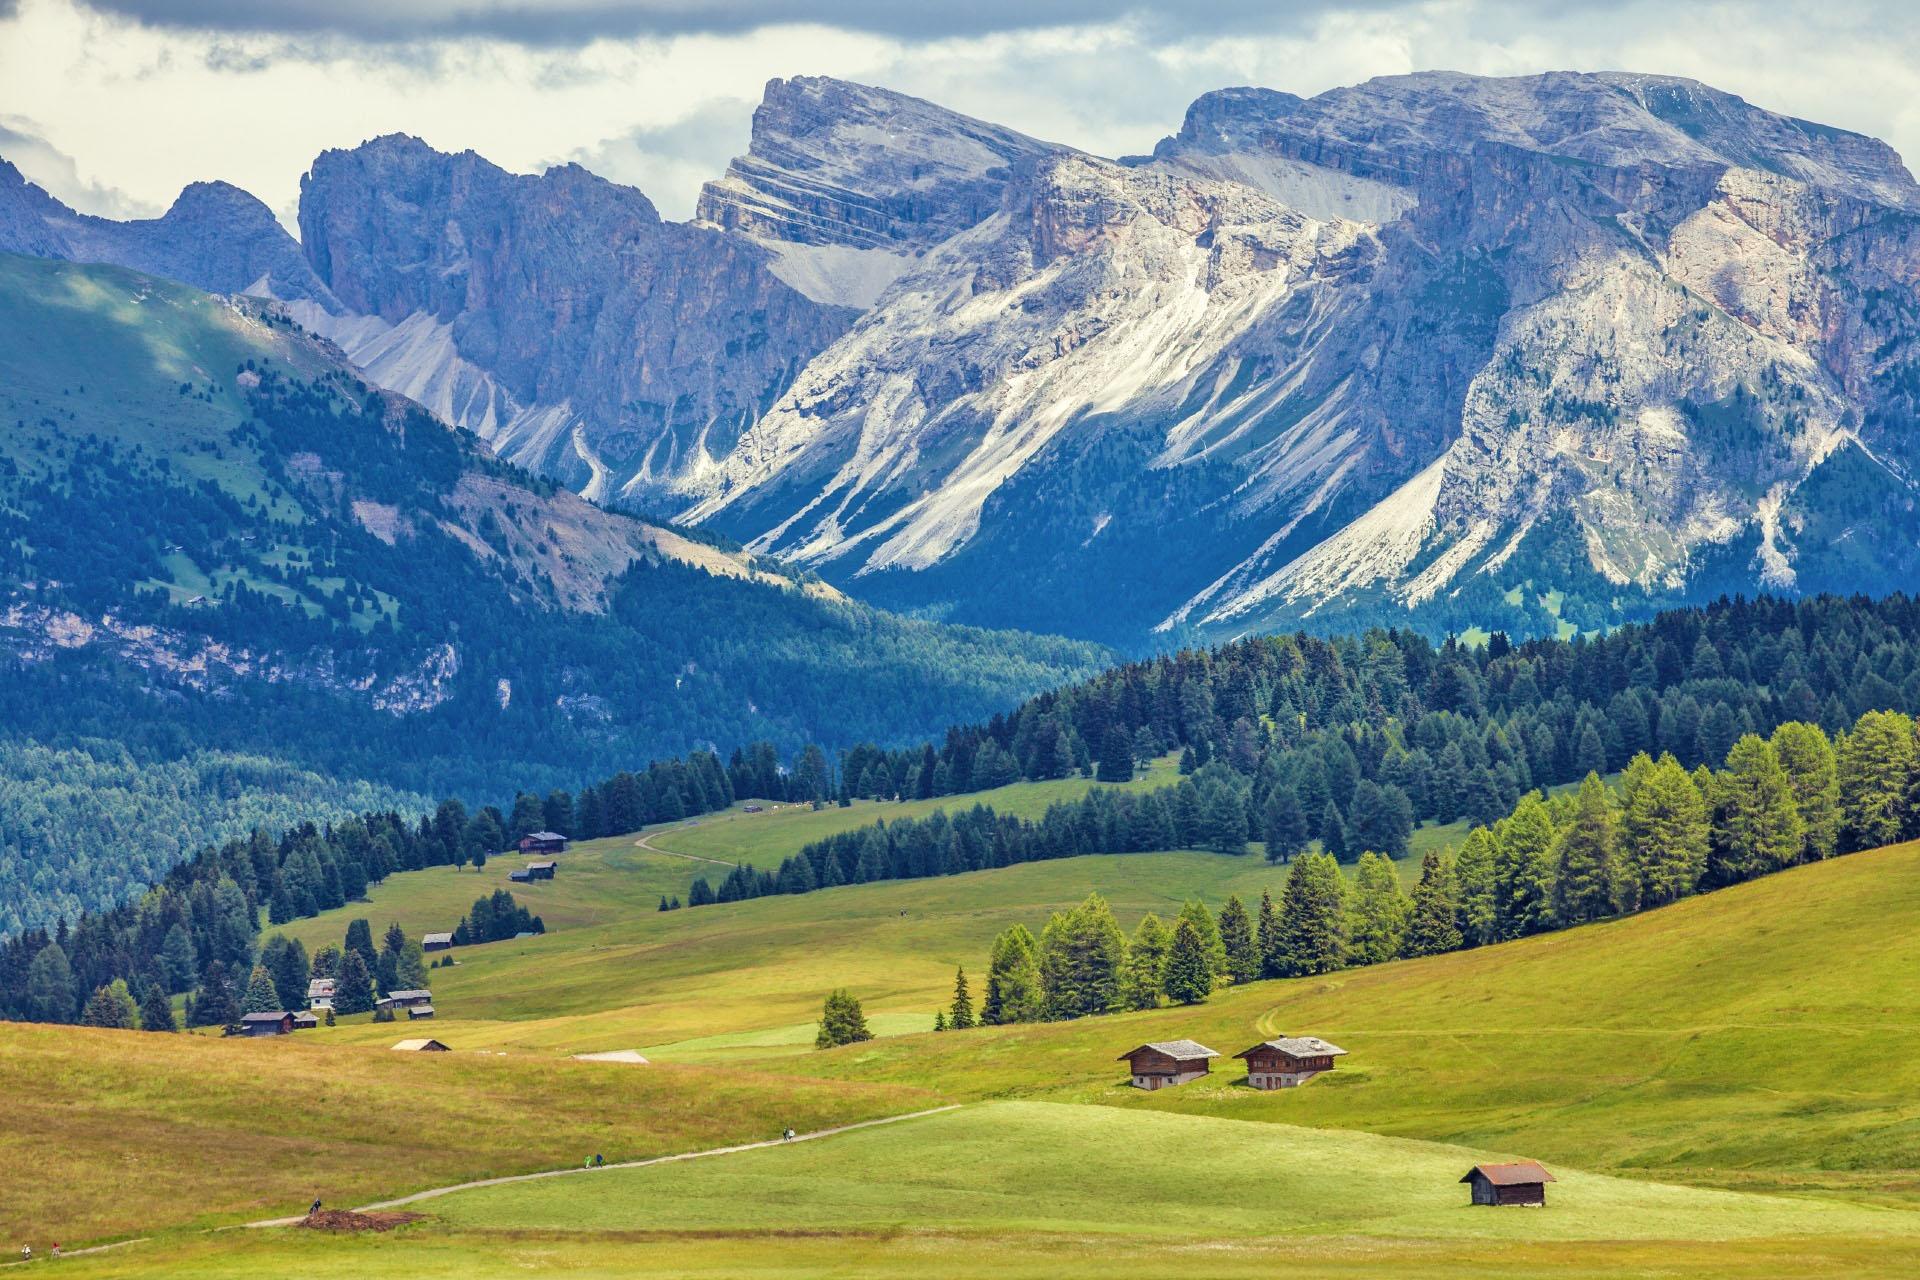 ドロミーティの山岳風景